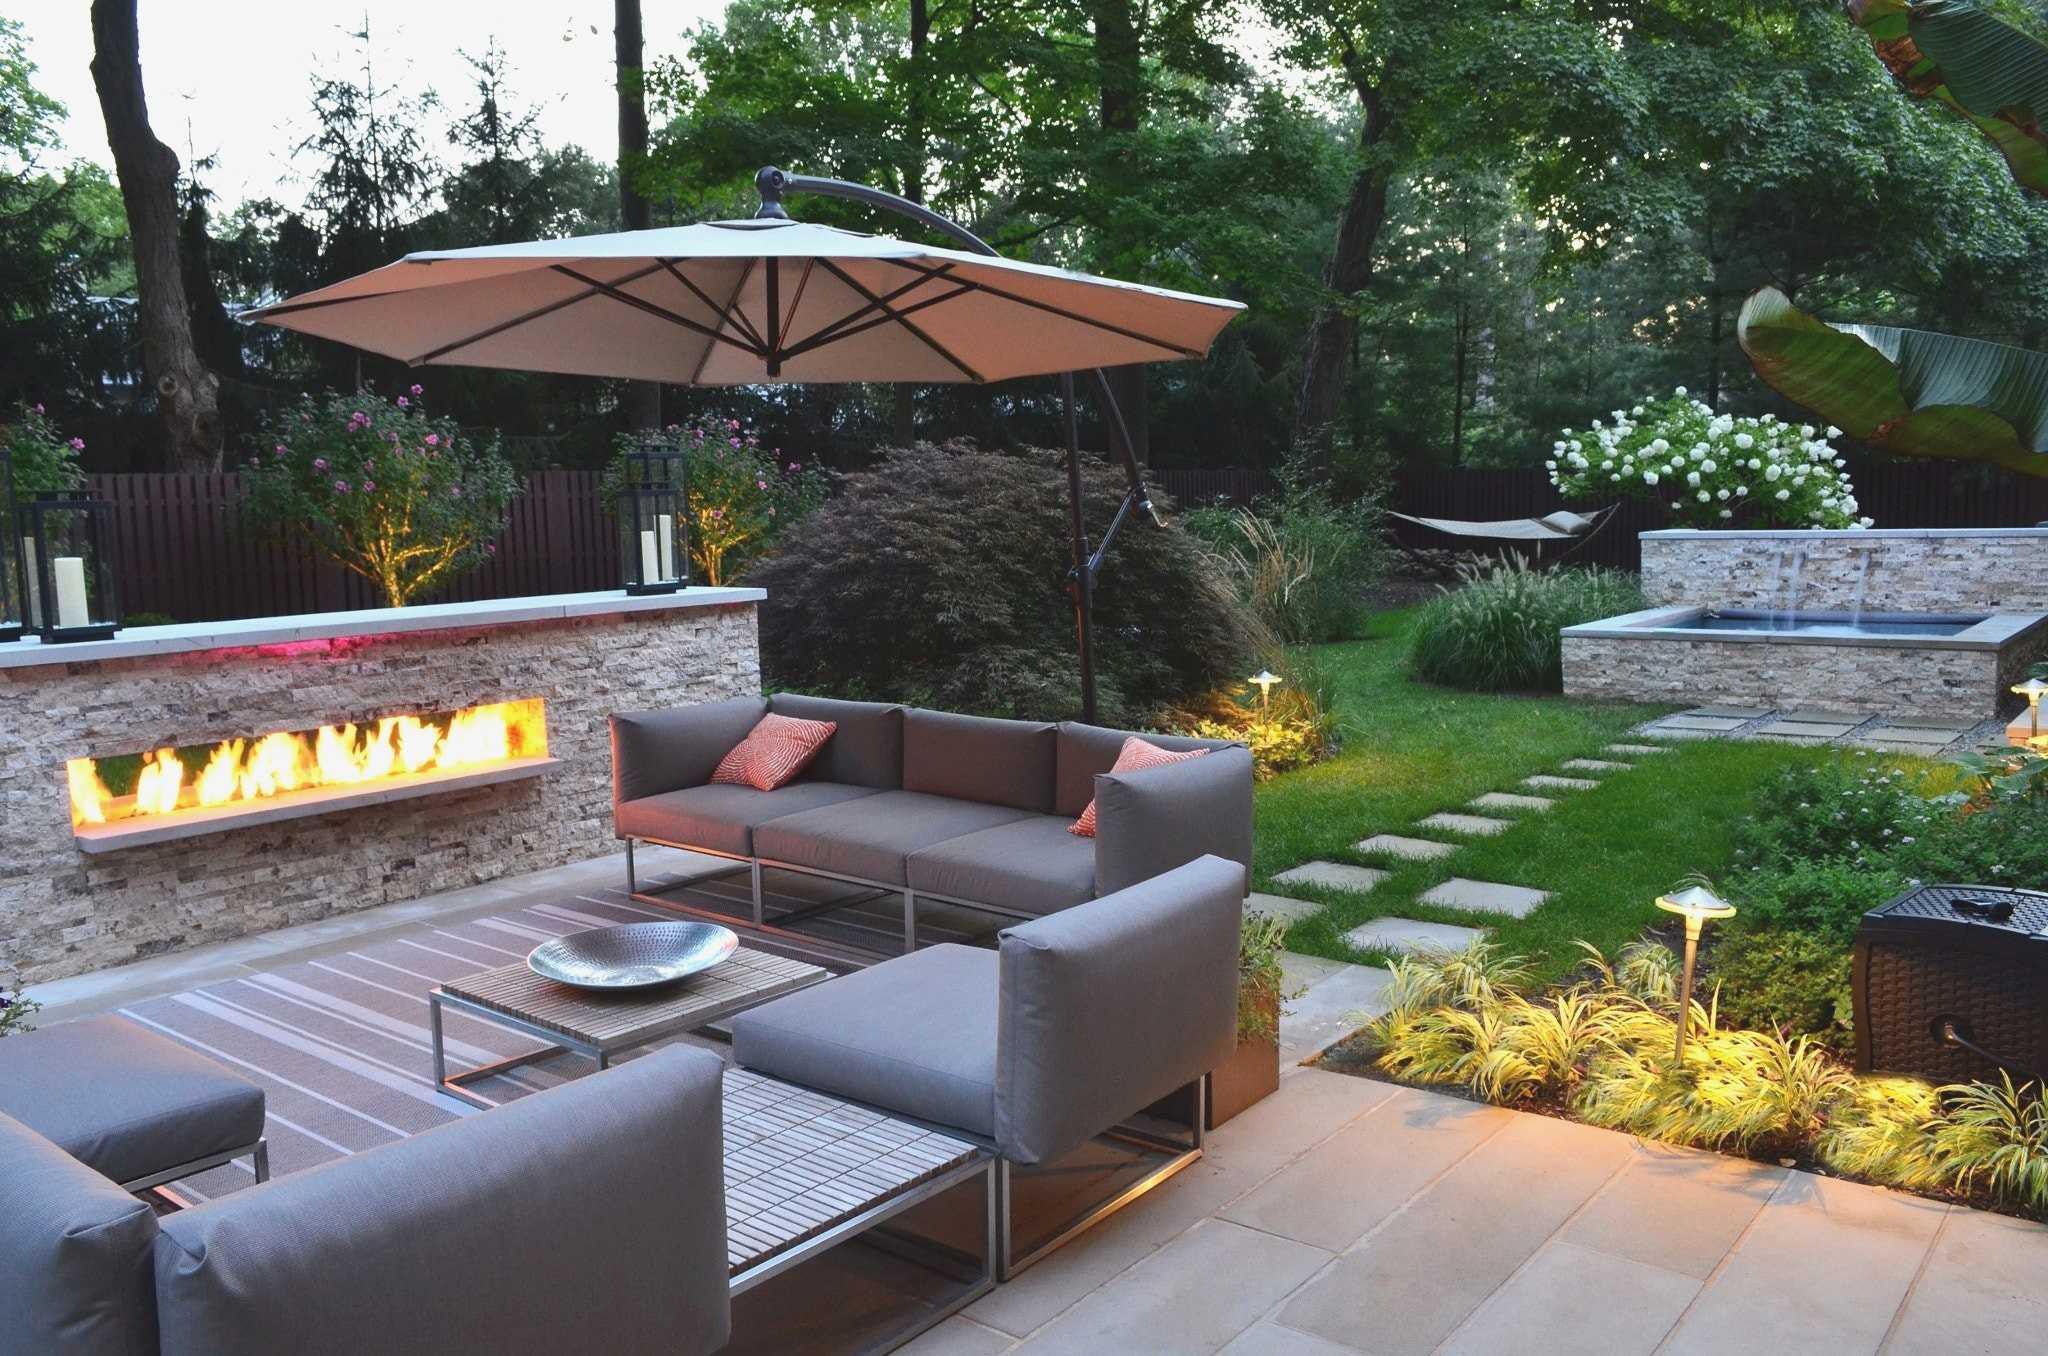 Backyard Space Ideas Beautiful Backyard Living Space Pool ... on Beautiful Backyard Ideas id=44963